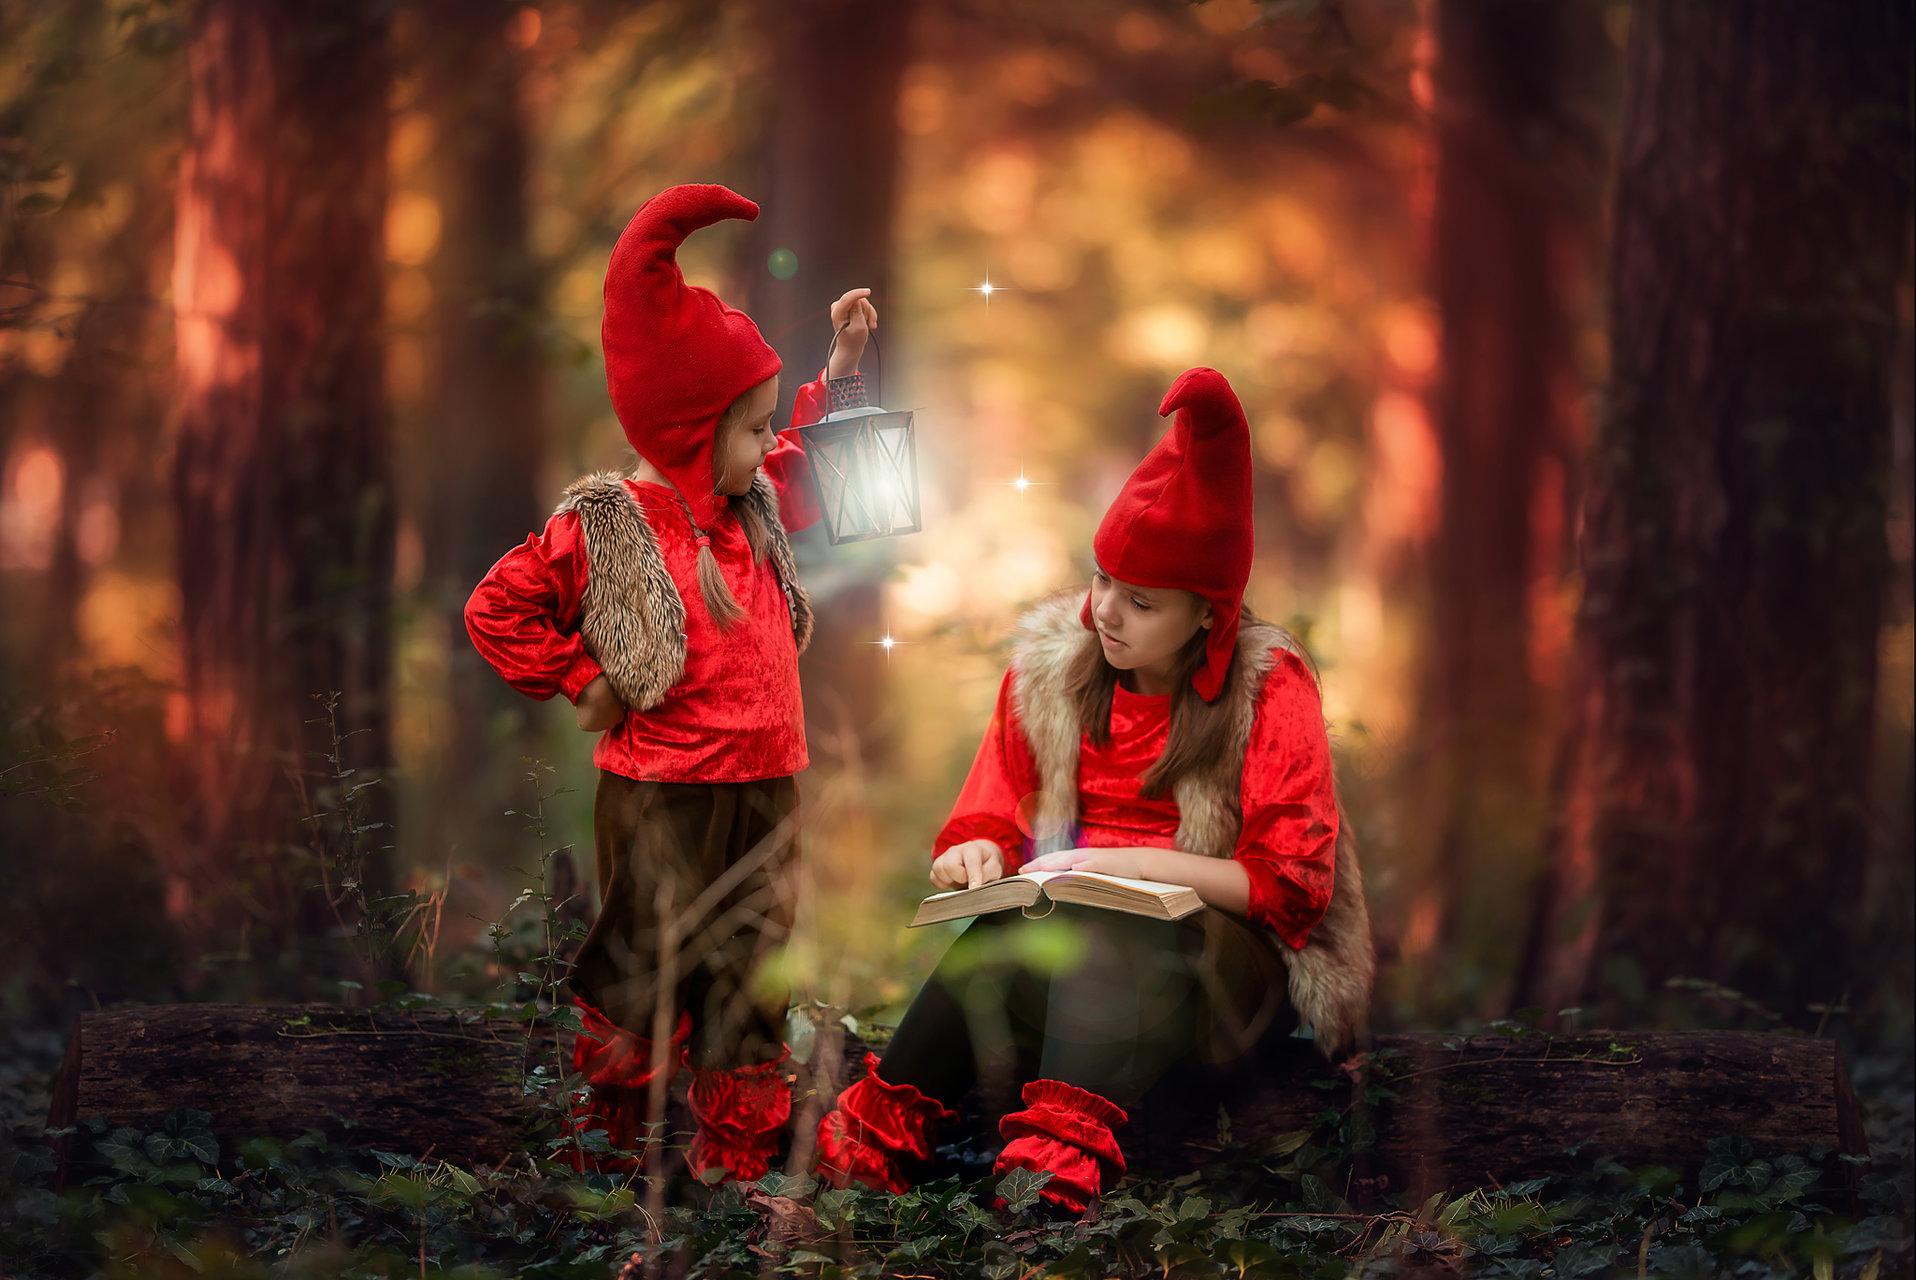 Две сладки джудженца | Author   - Zoe-bg | PHOTO FORUM